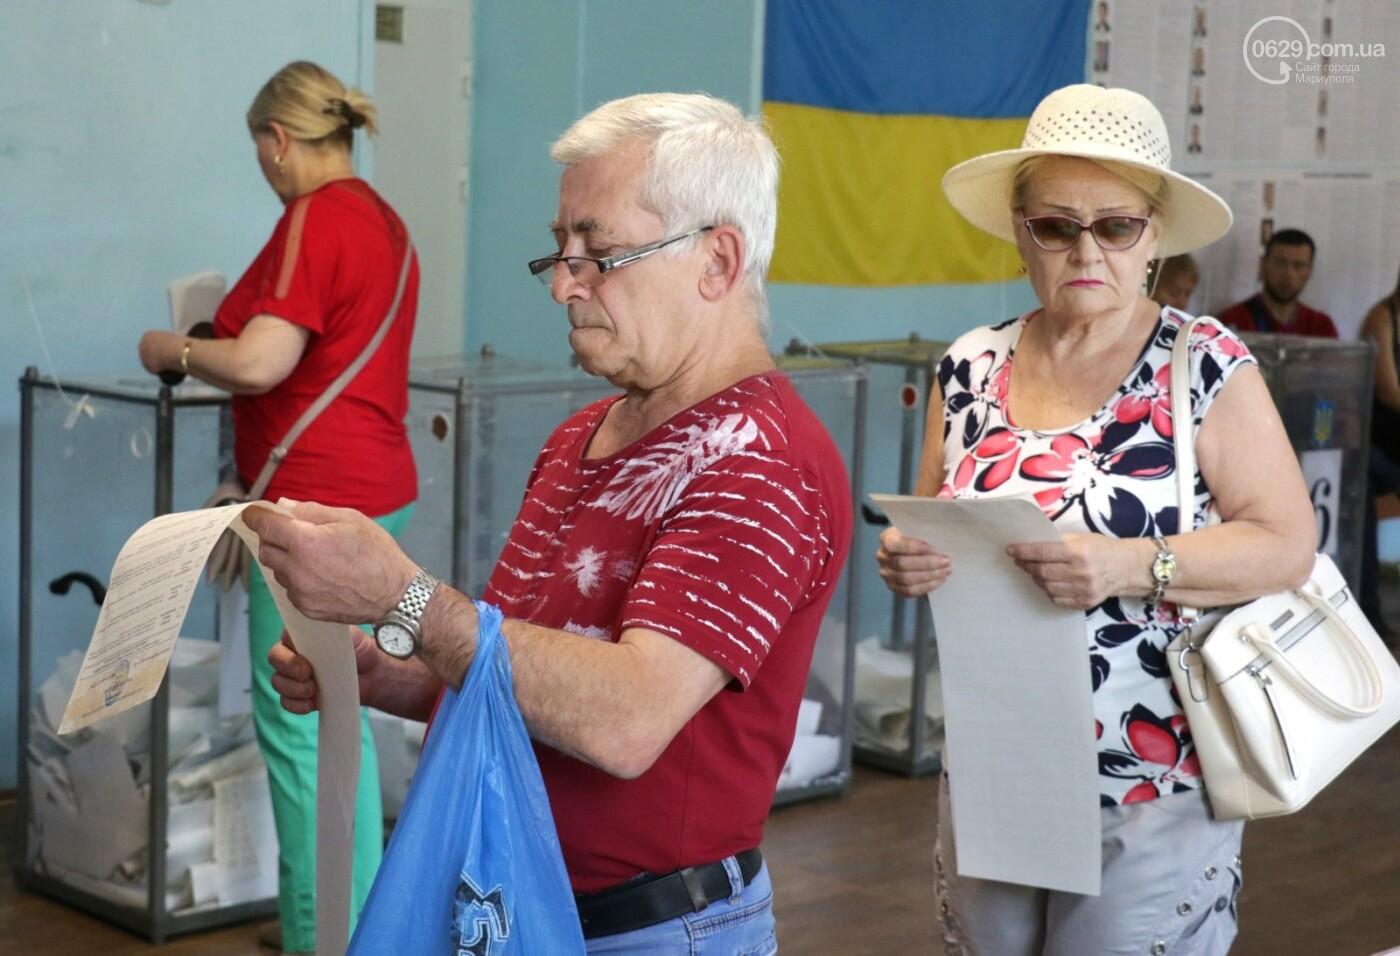 Как бабушки и дедушки будущее Украины выбирали, пока молодежь загорала на пляже, - ФОТОРЕПОРТАЖ, фото-10